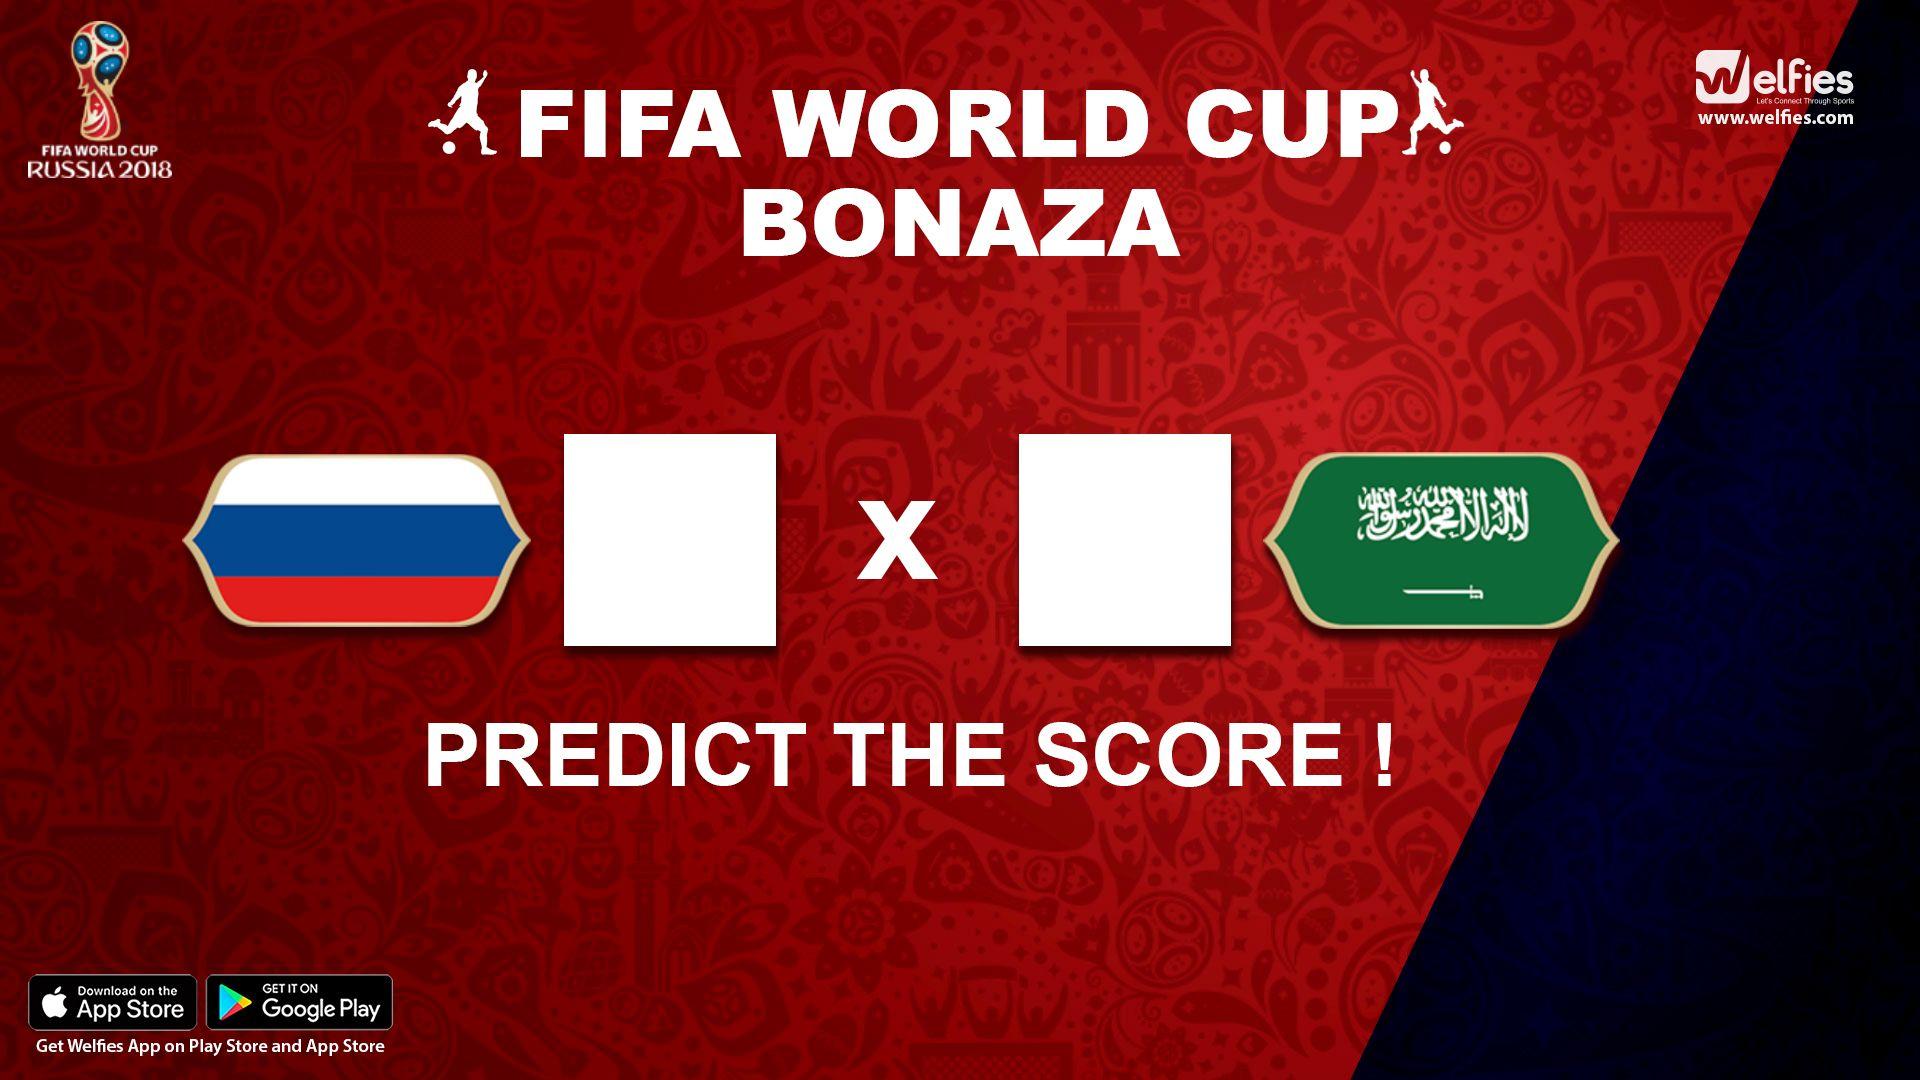 Russia Vs SaudiArabia Predict the scores!!! Who will win